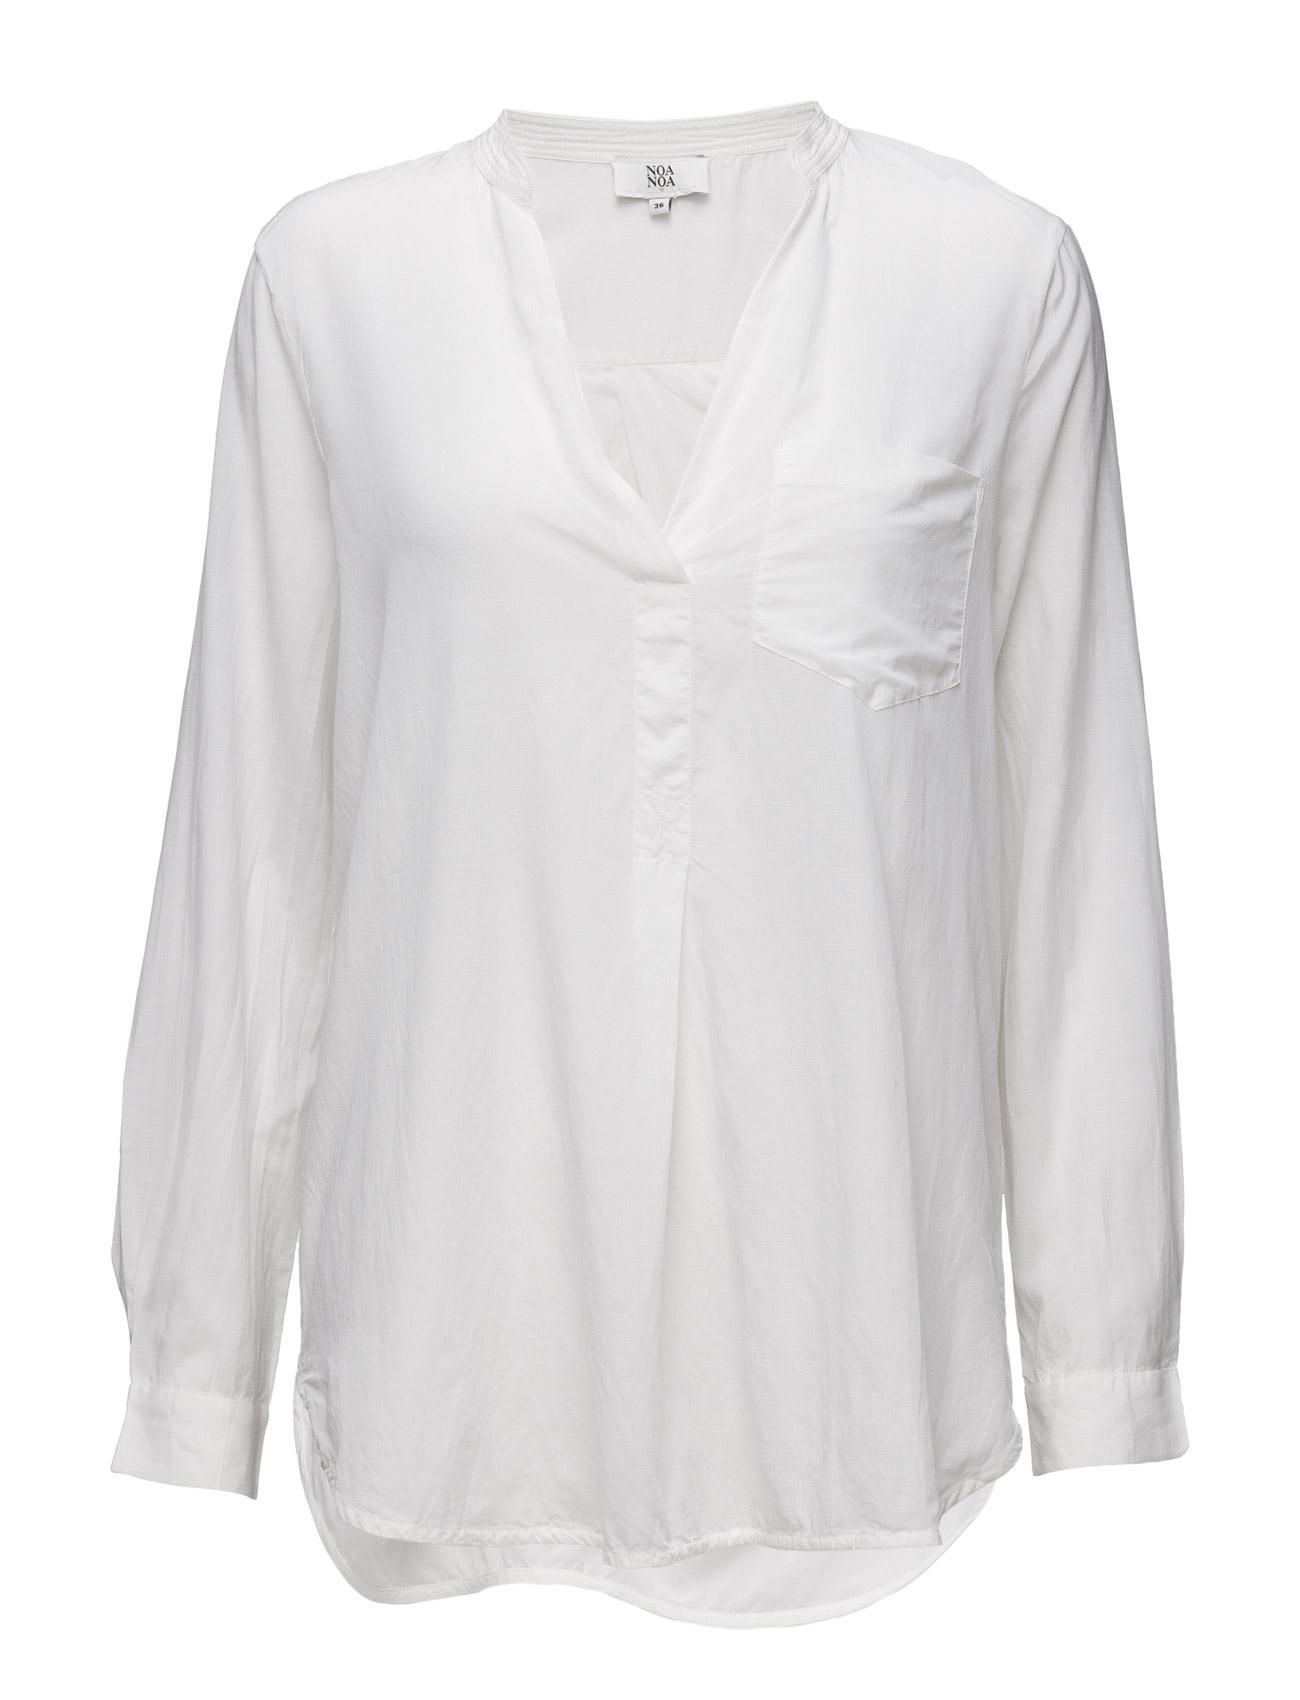 Blouse Noa Noa Bluser til Kvinder i hvid